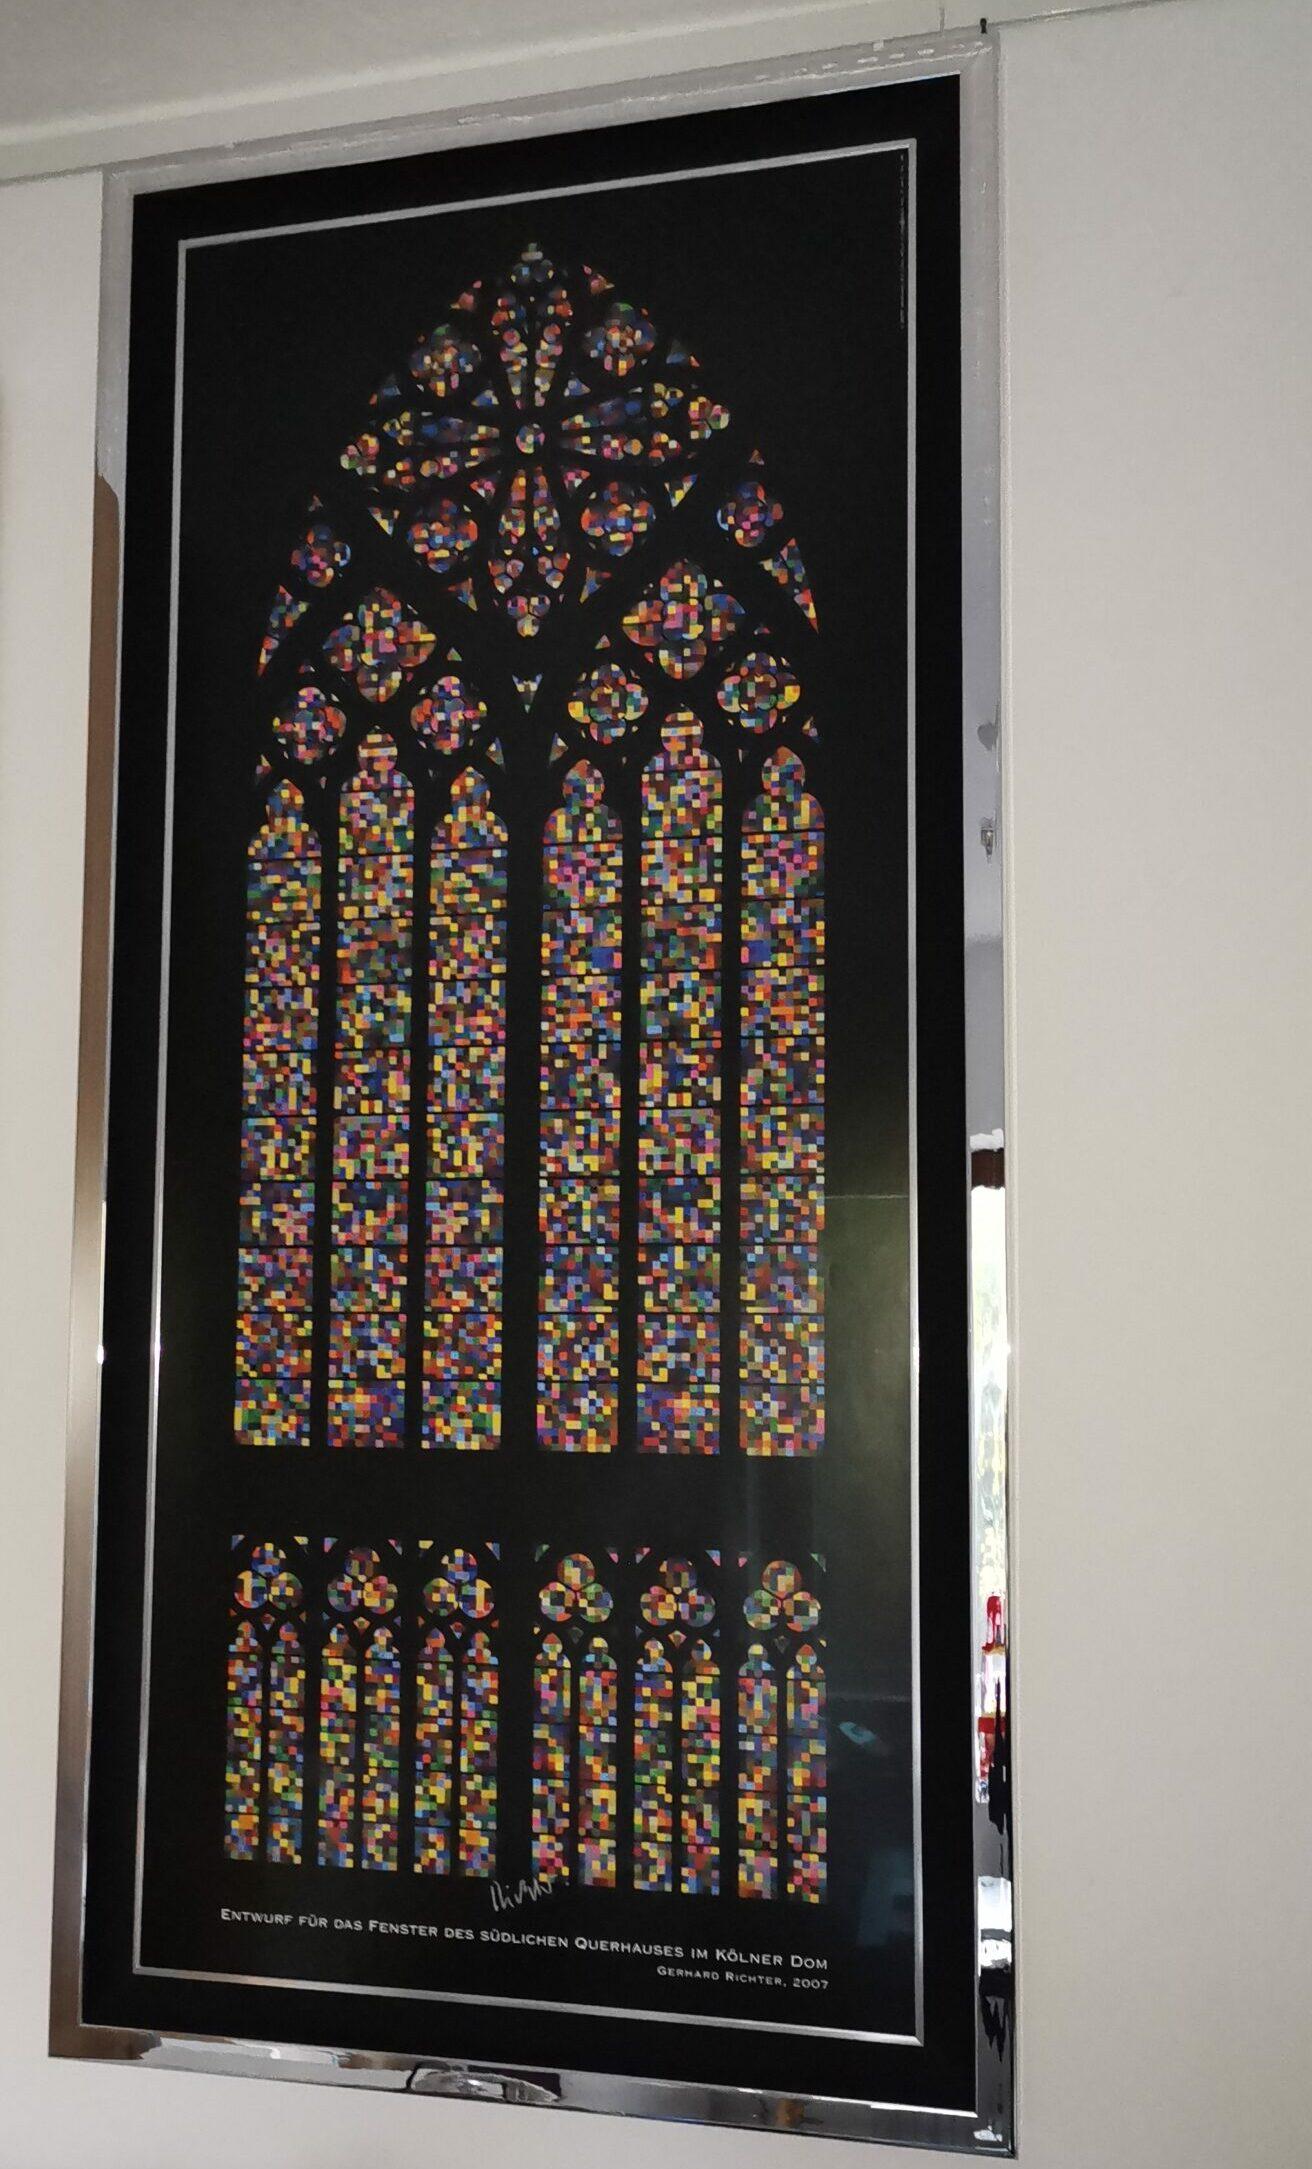 Gerhard Richter Domfenster